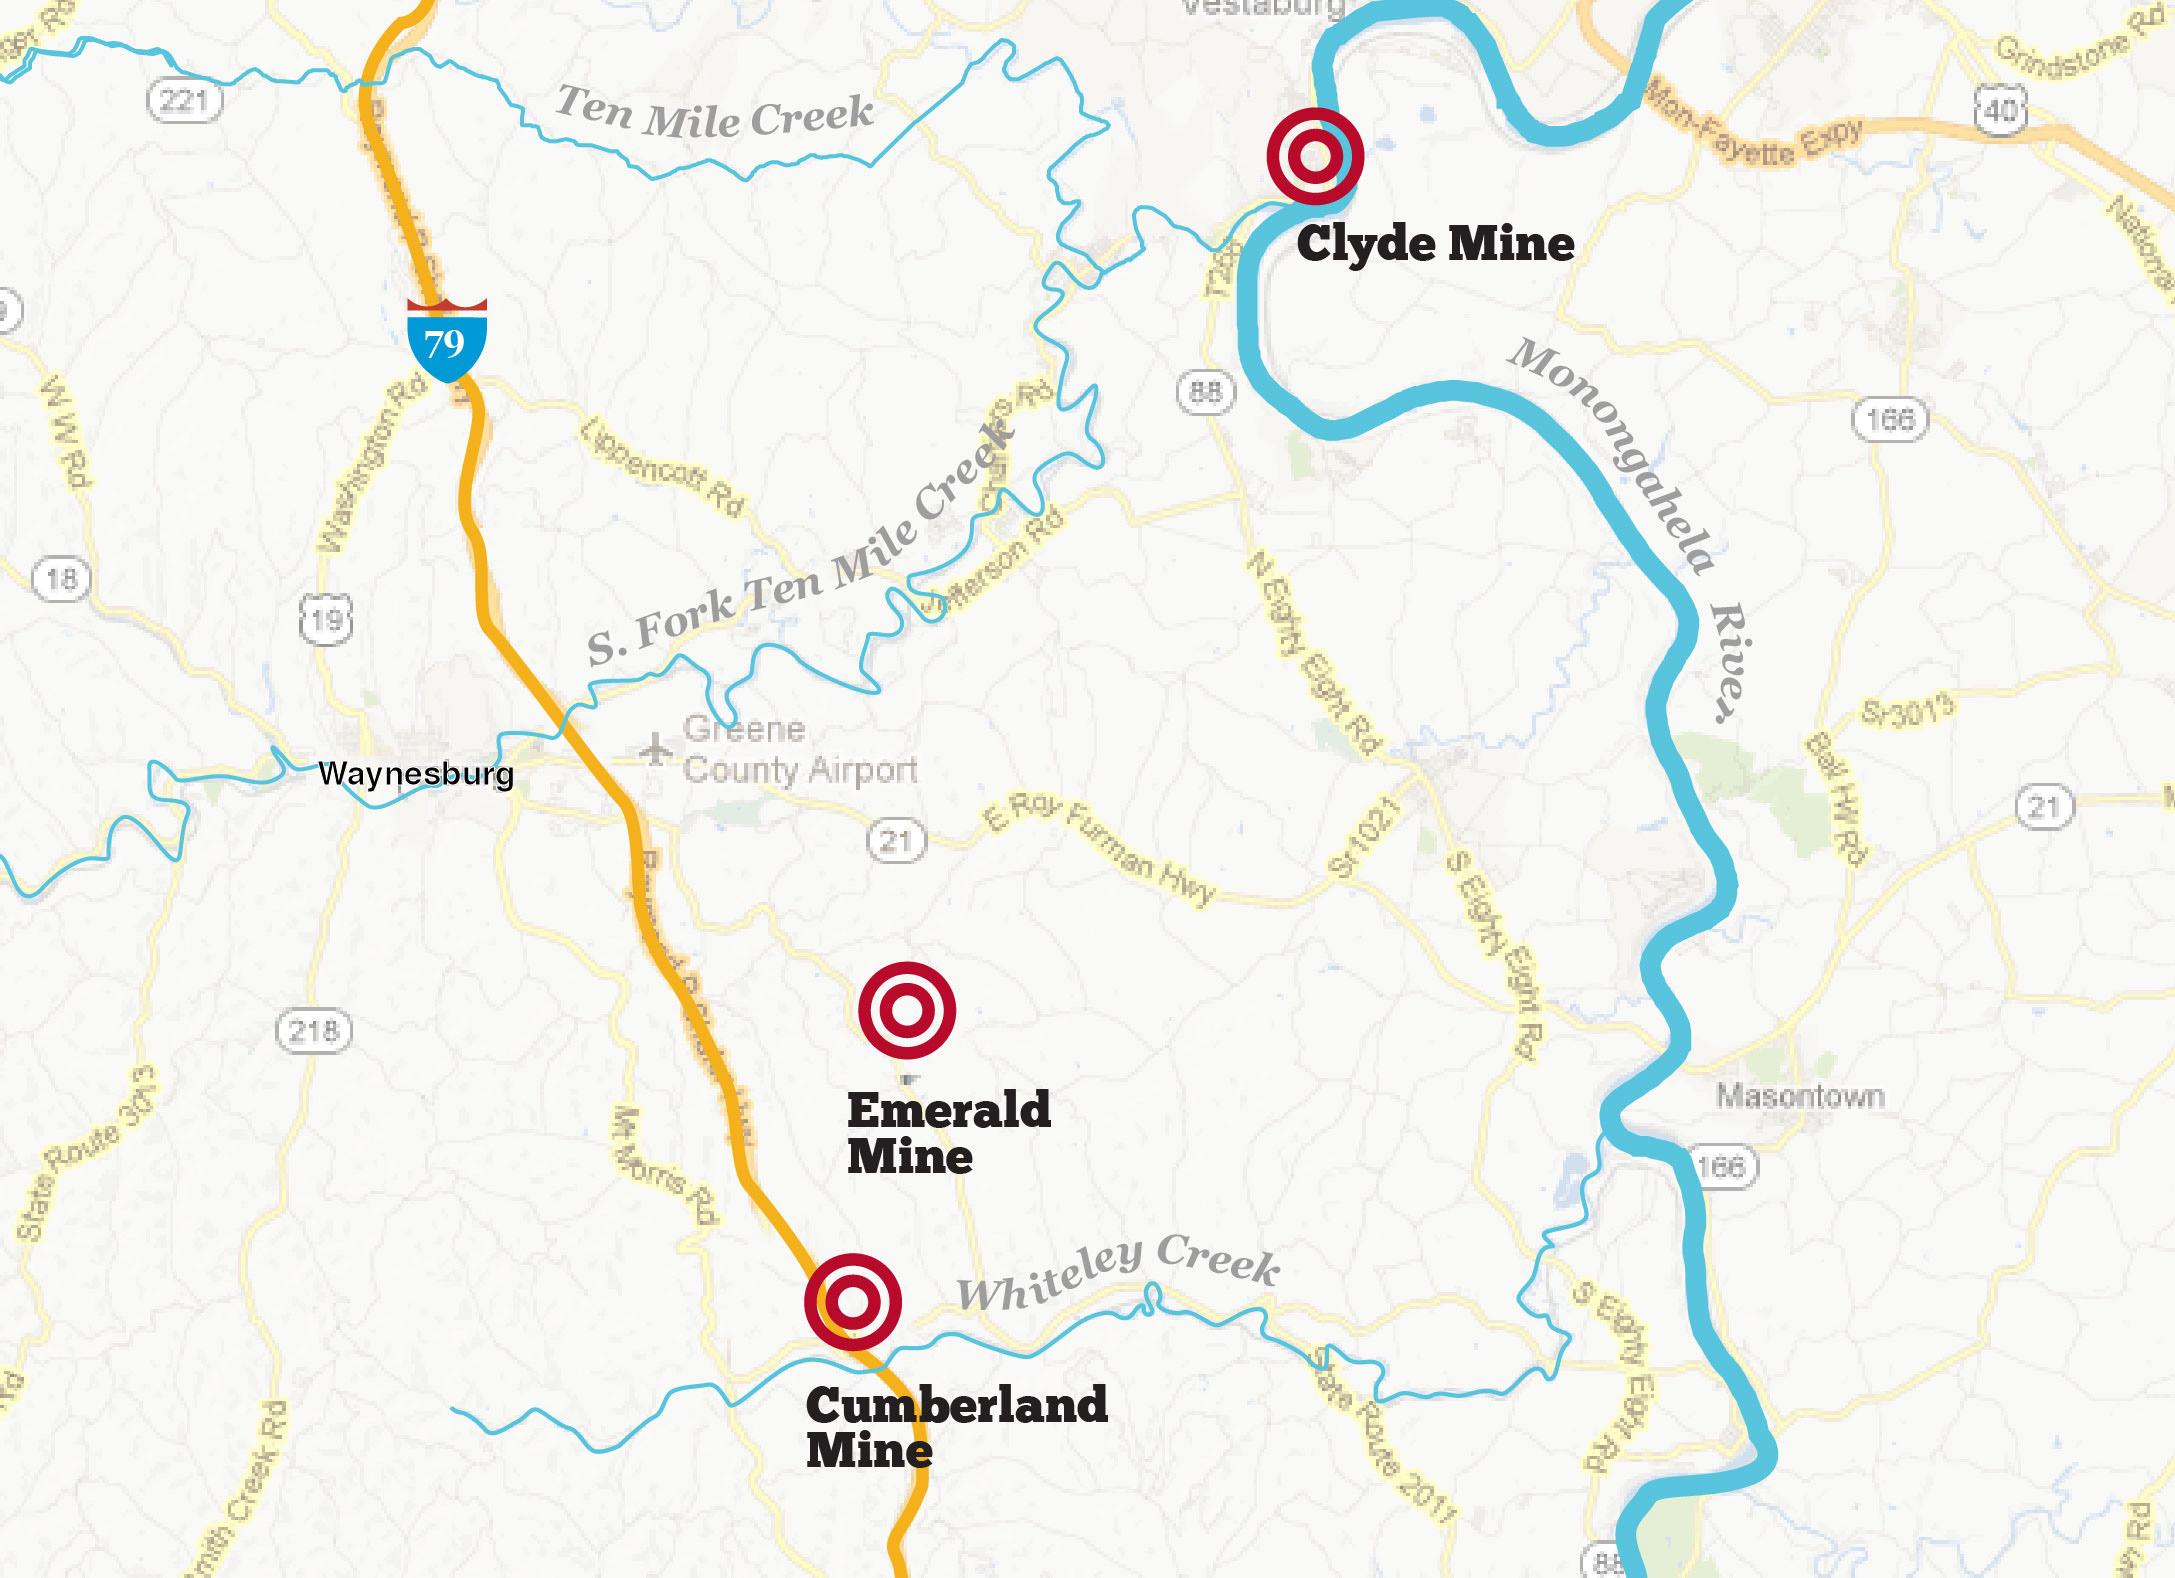 Water testing map